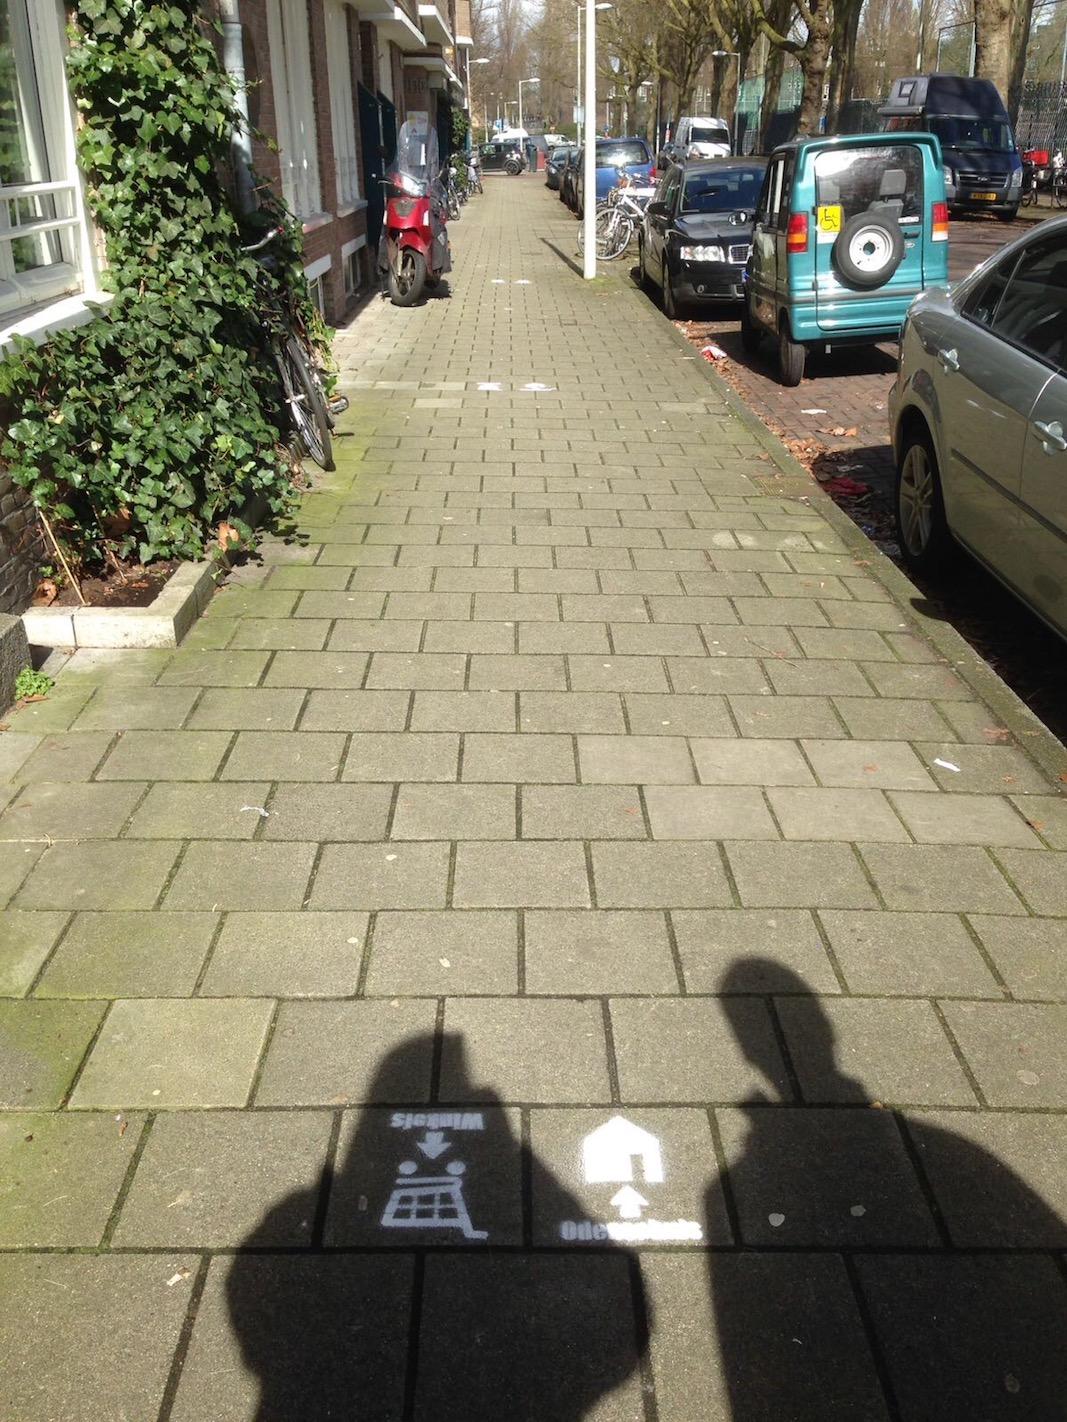 Vervolg boodschappenroute Odensehuis Amsterdam-Zuid (2017)